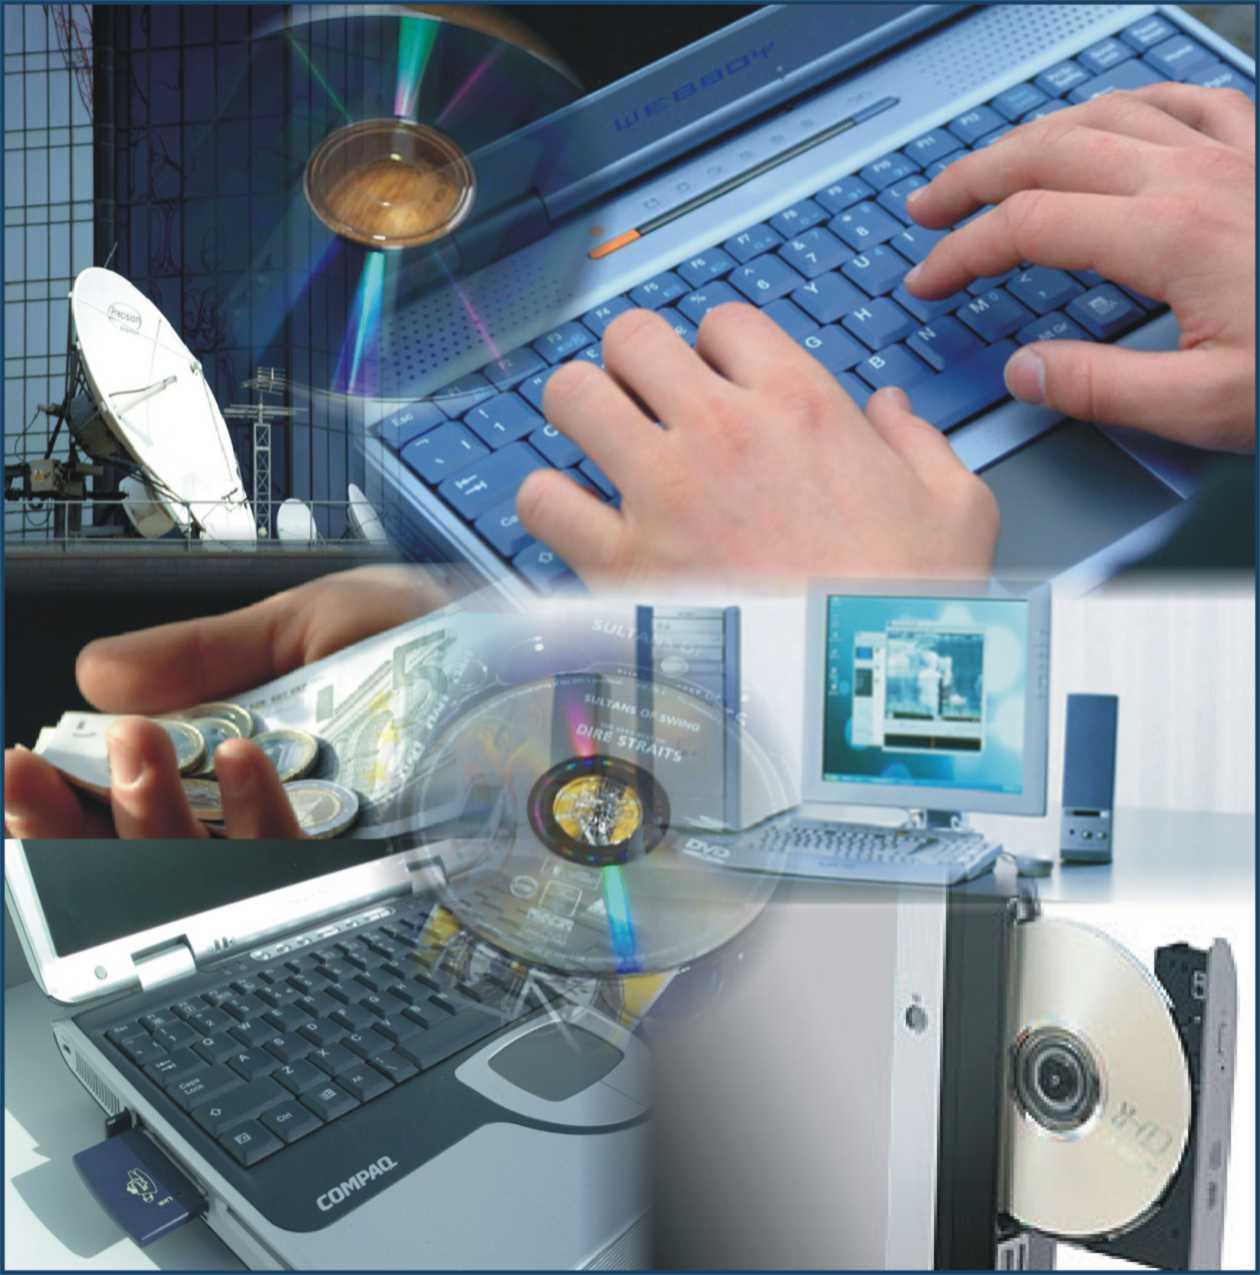 Tecnolog as de informaci n y comunicaci n for Todo tecnologia